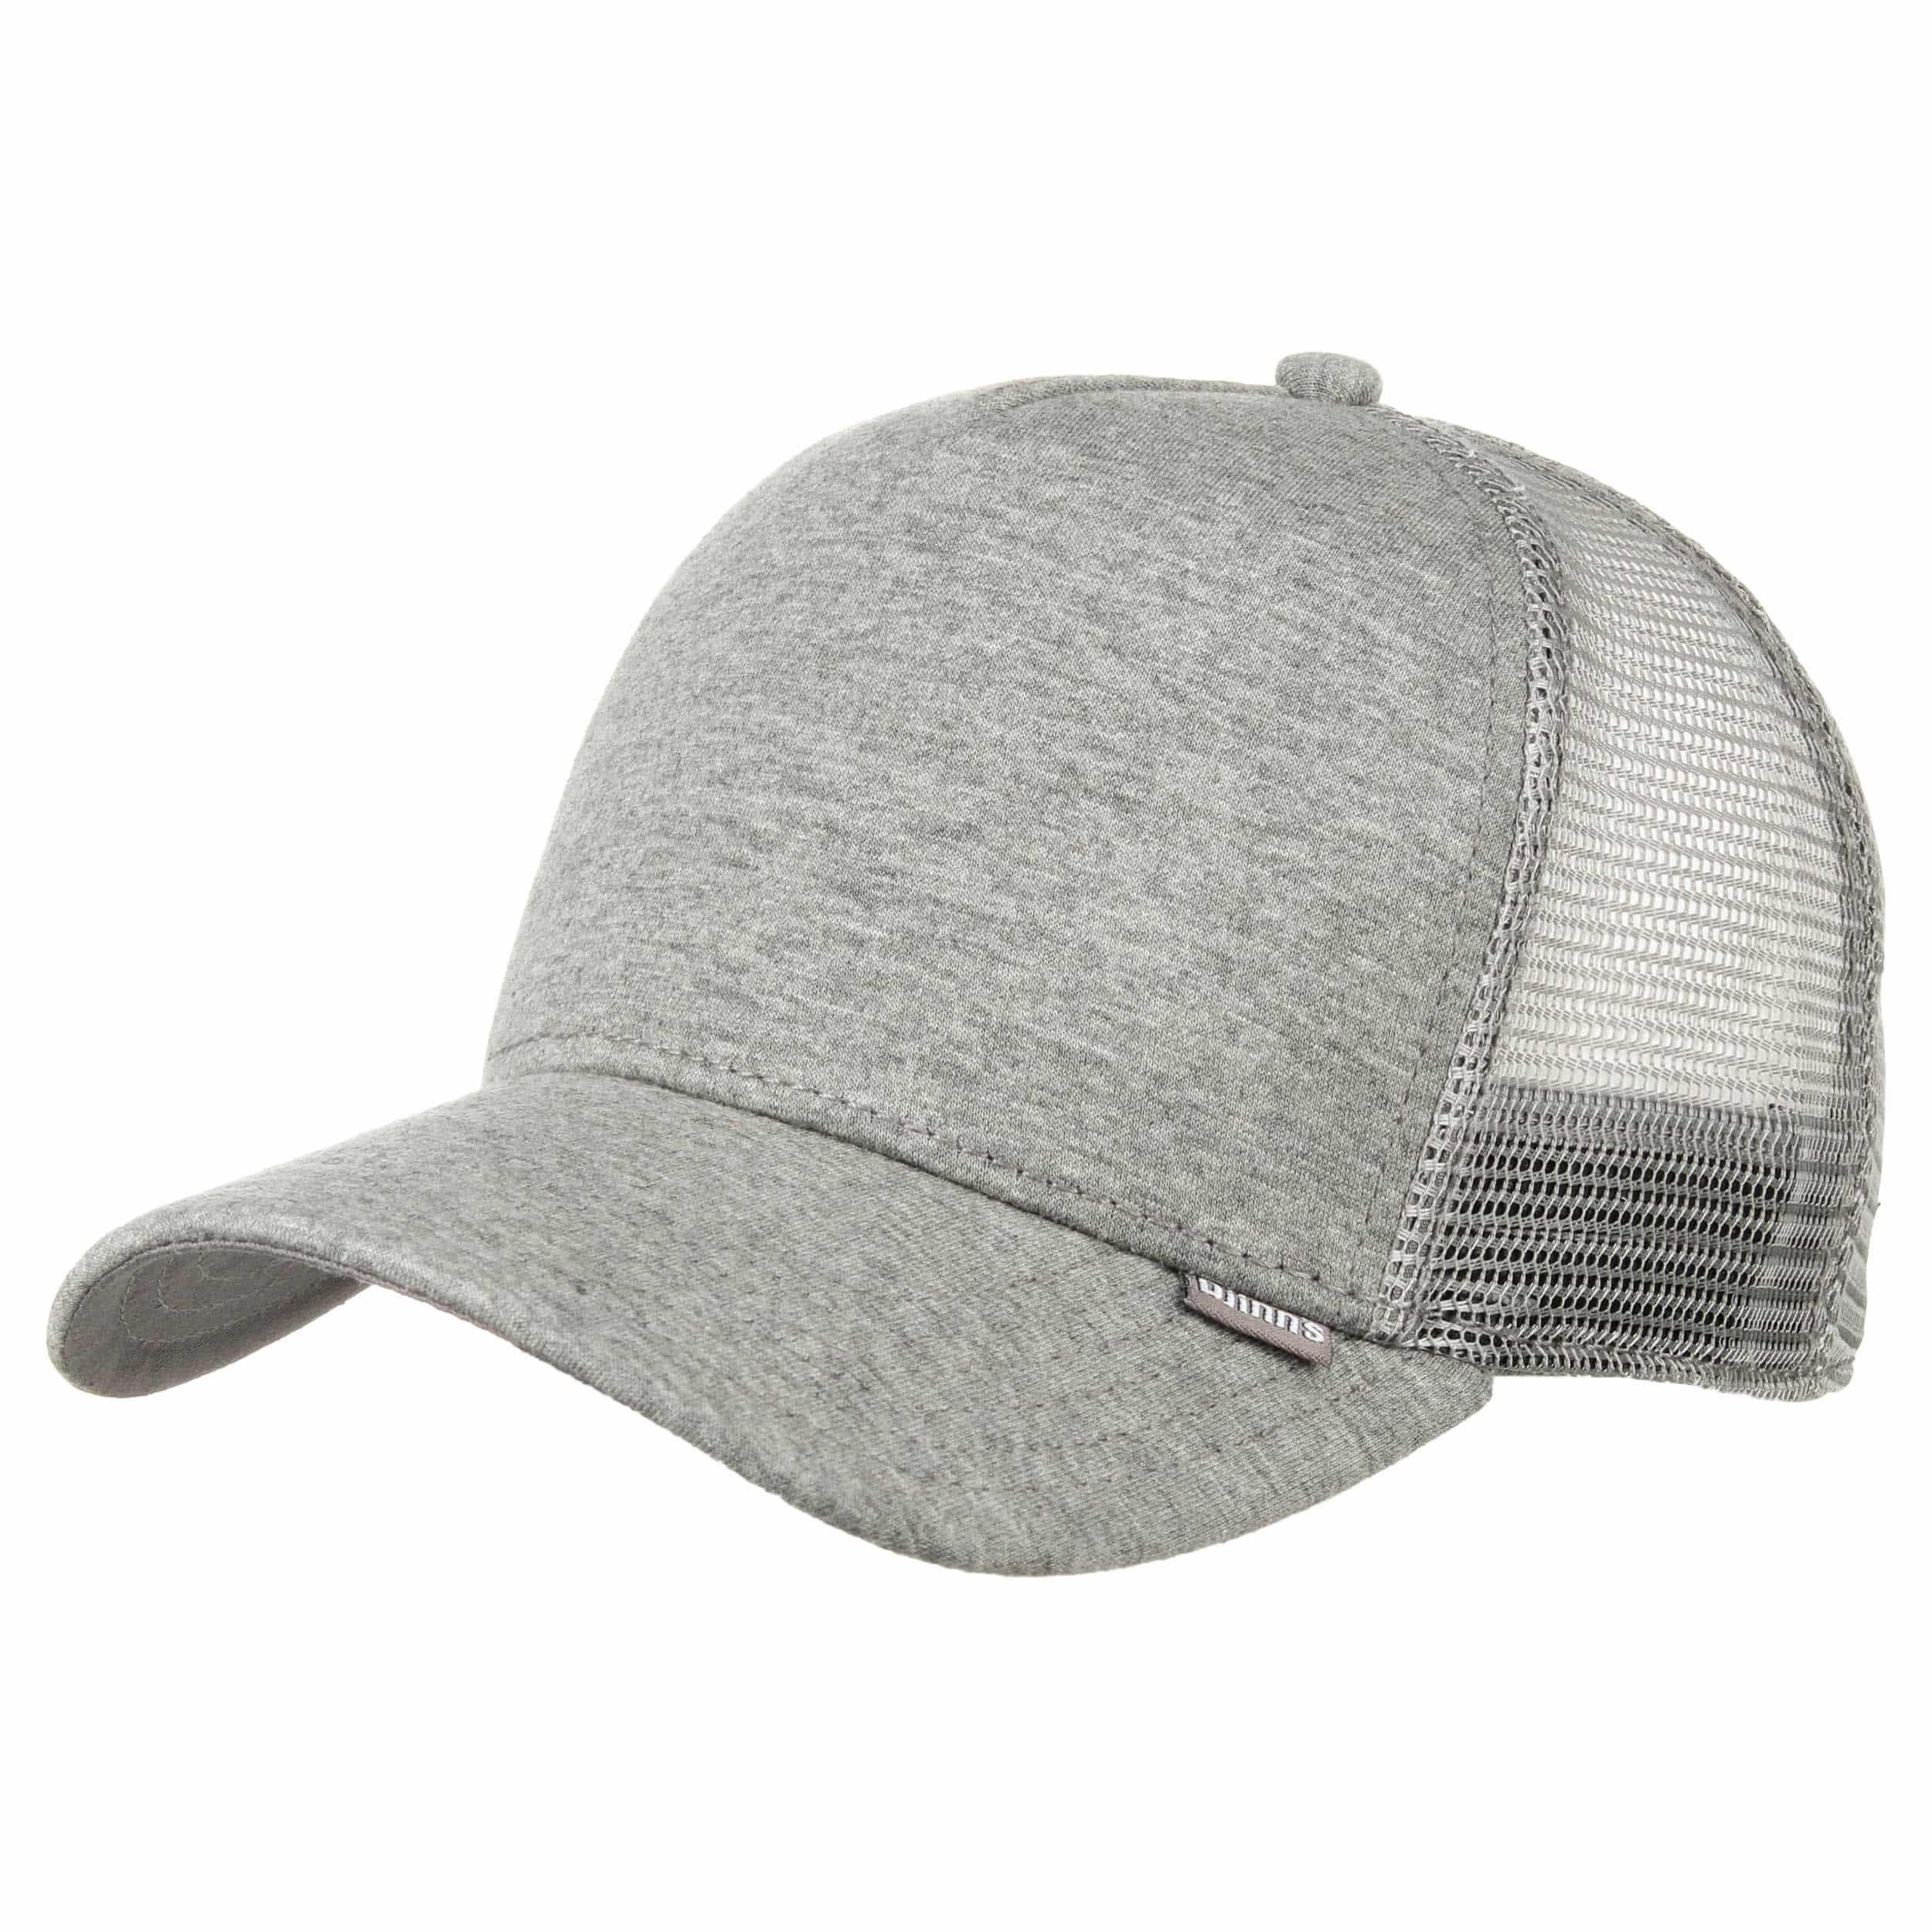 cut sew trucker cap by djinns eur 19 99 hats caps